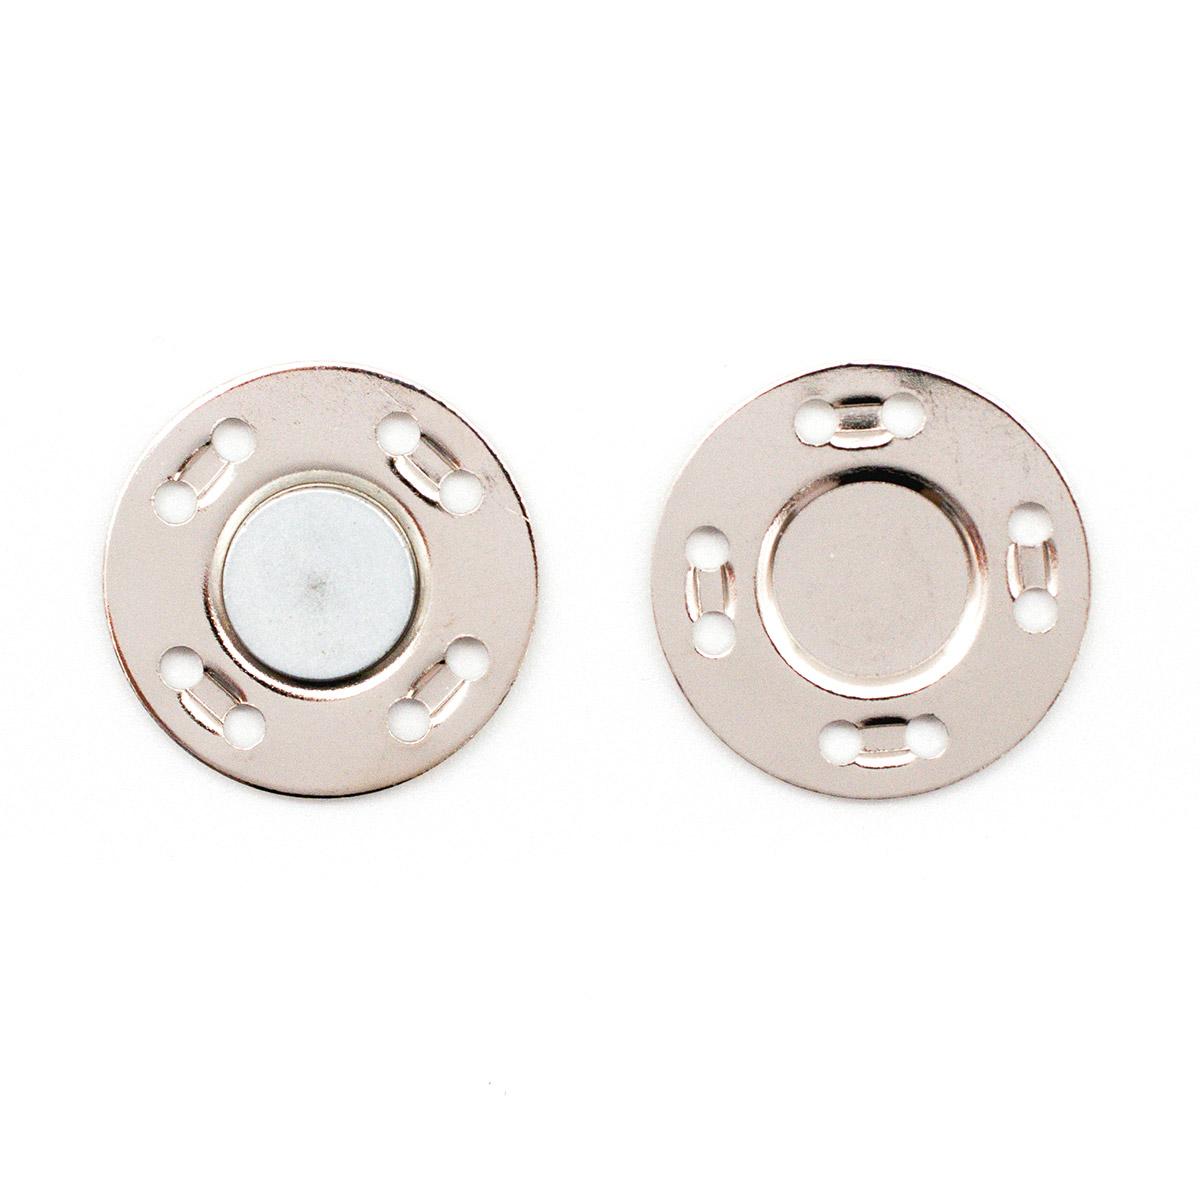 ГДЖ13799 Кнопка магнитная 20мм